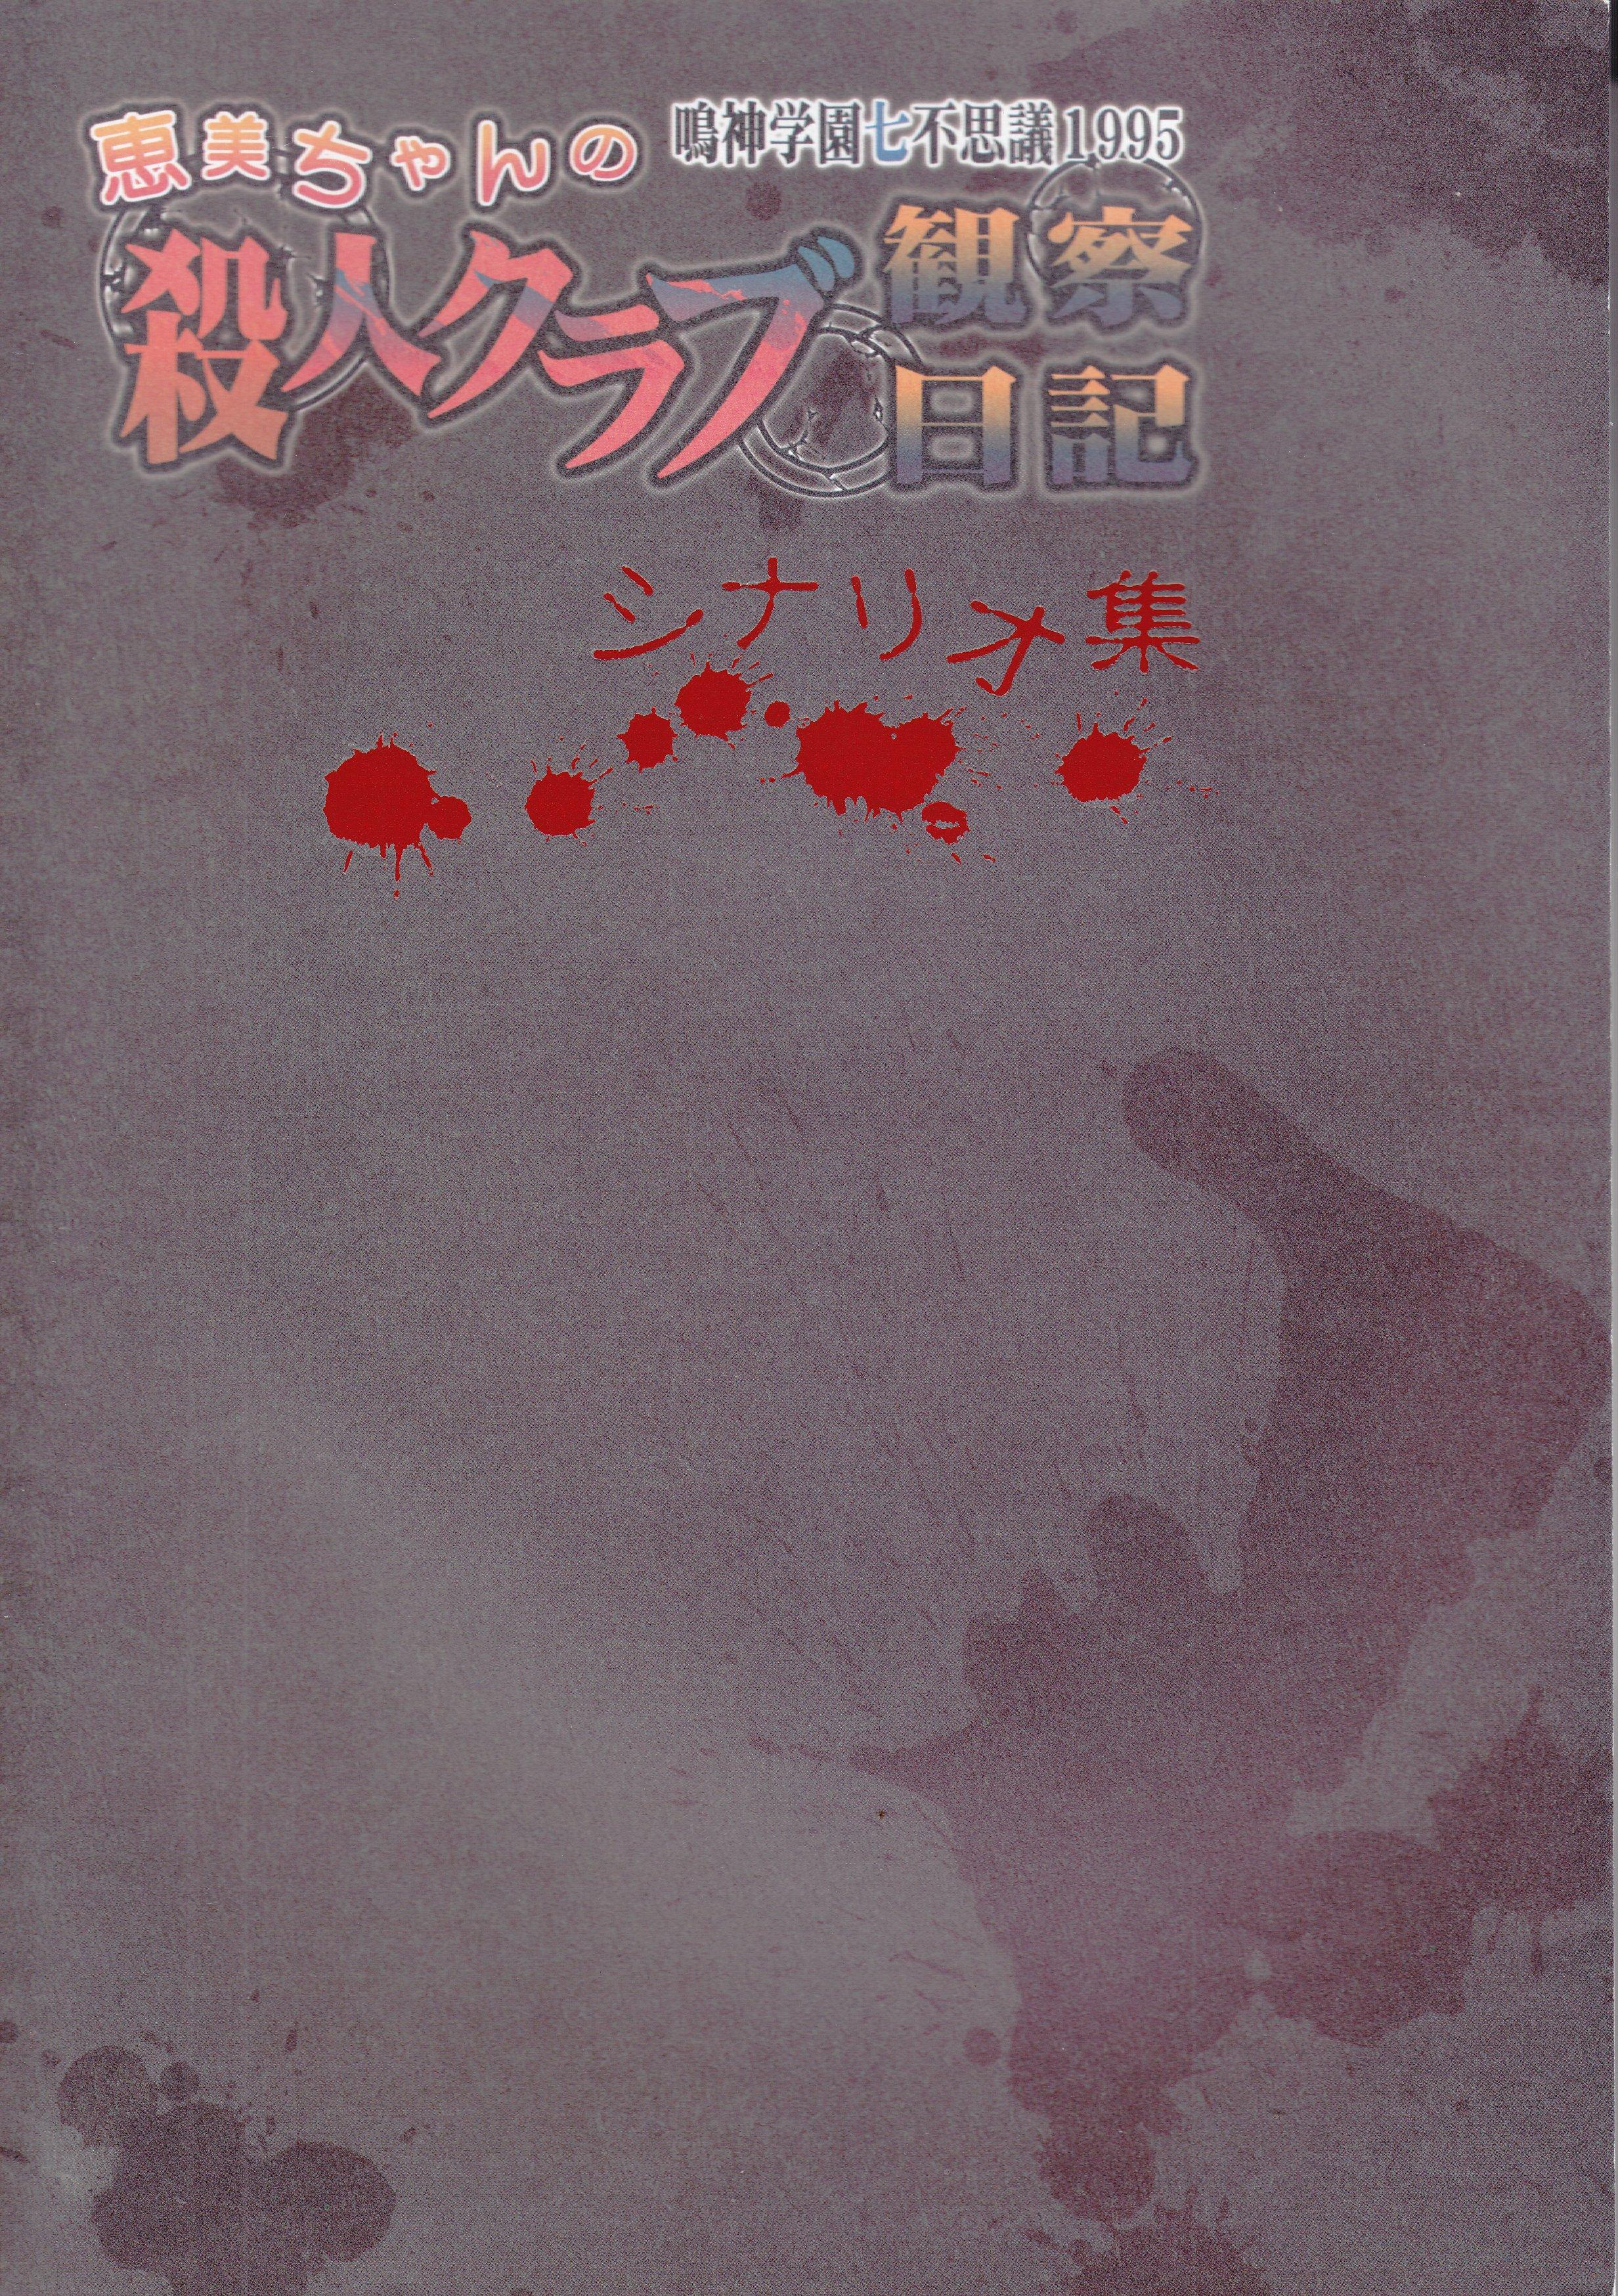 七転び八転がり (飯島多紀哉) 恵美ちゃんの殺人クラブ観察日記シナリオ ...